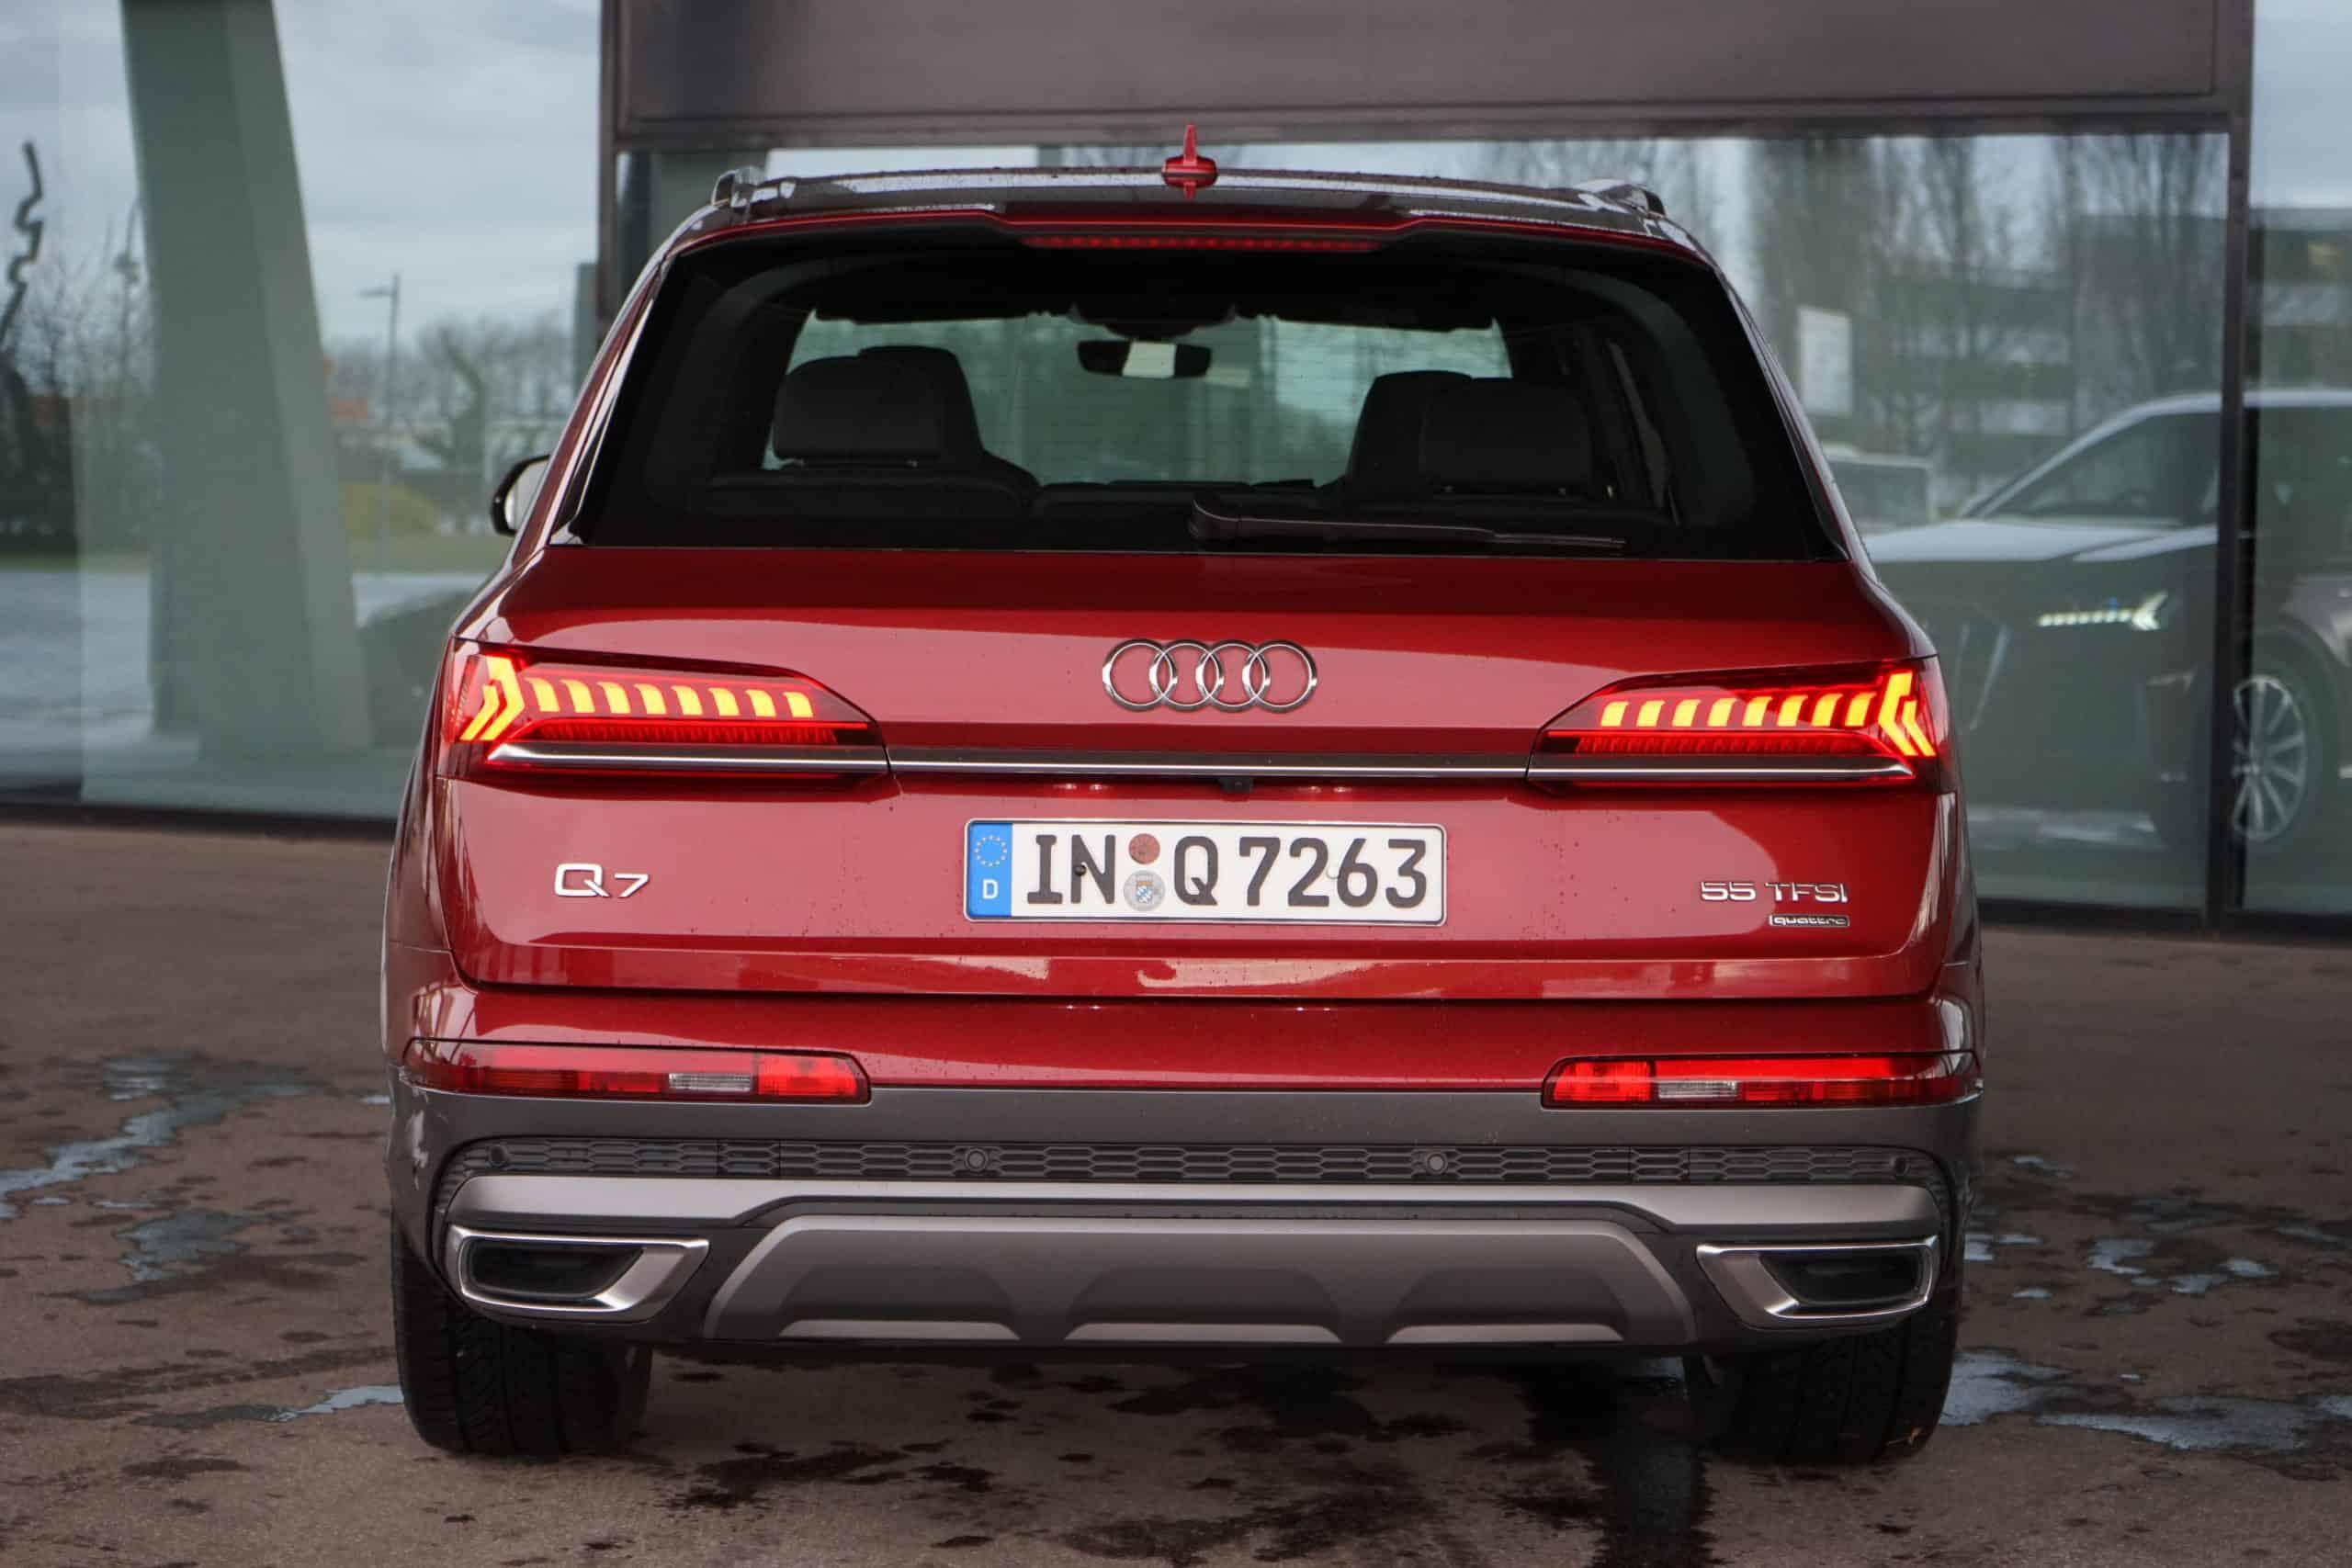 Audi Q7 - Perfekter Kombi aus Geländewagen und Limousine